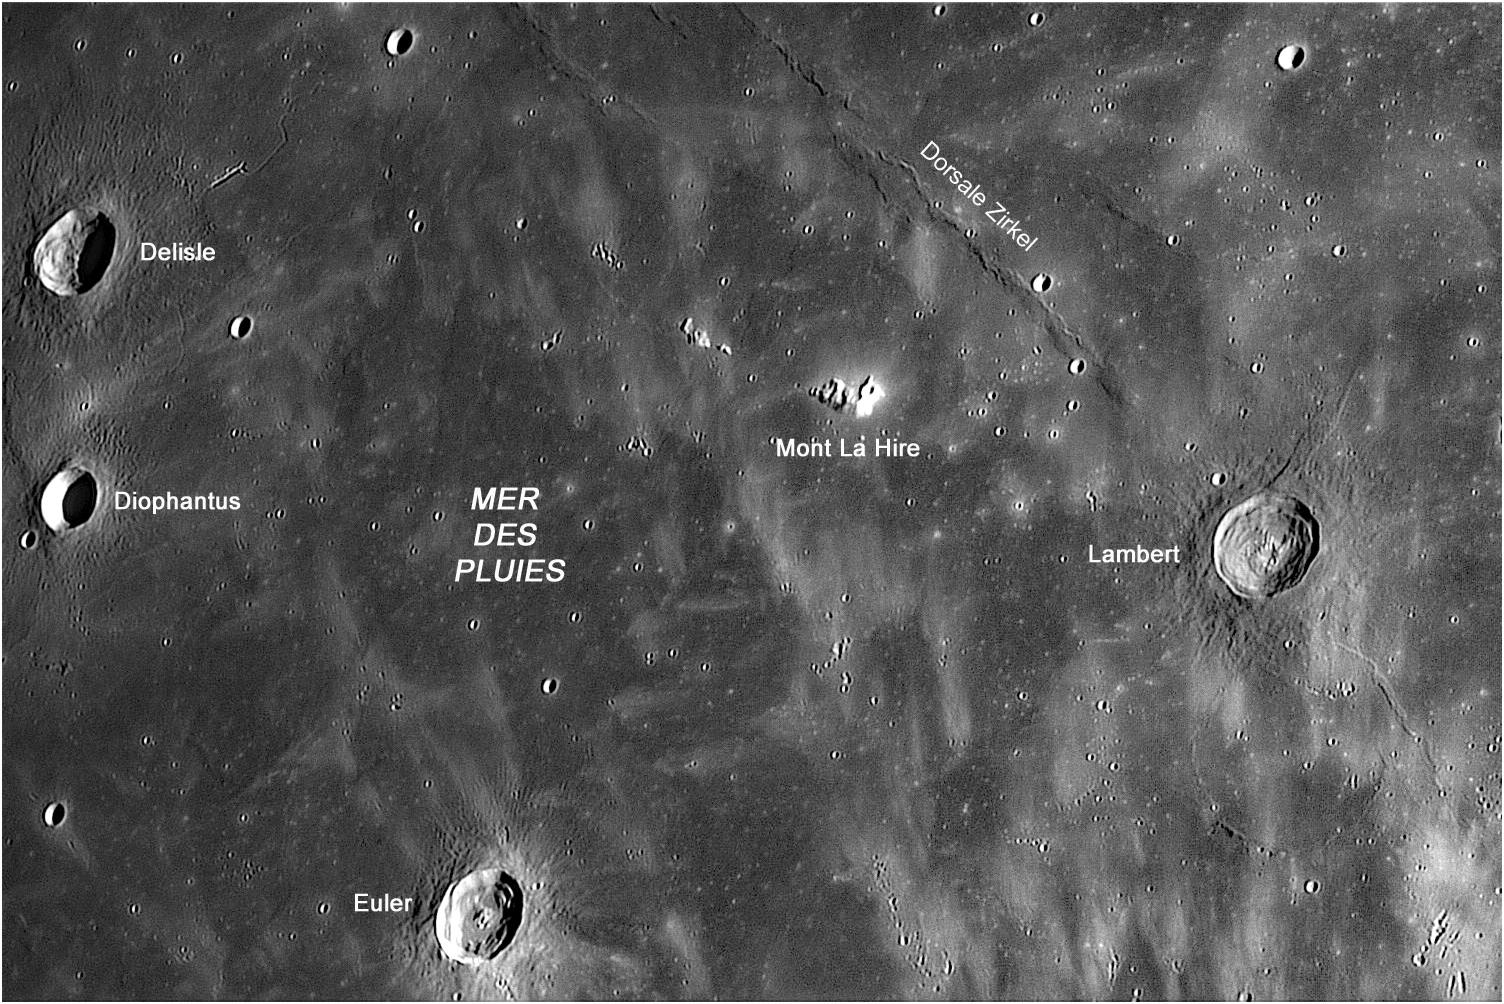 2018_02_26 Mont la Hire et éjectas Copernic (image surtraitée)